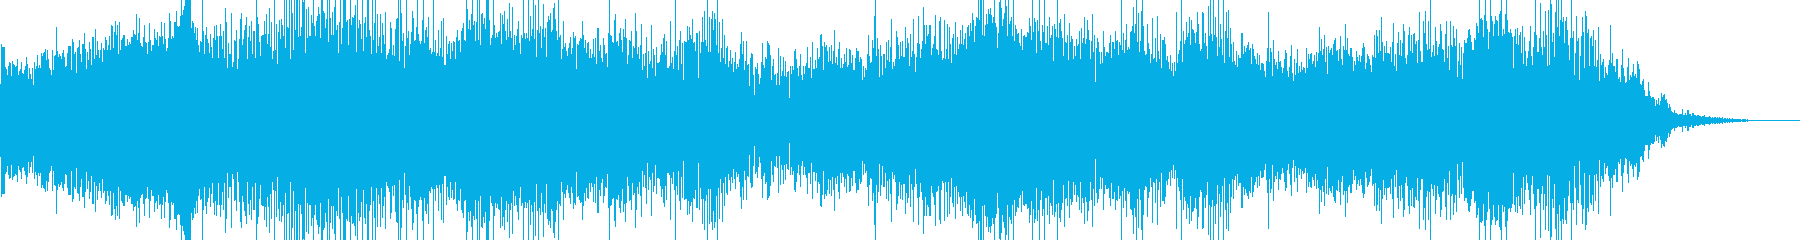 サスペンス系効果音ですの再生済みの波形